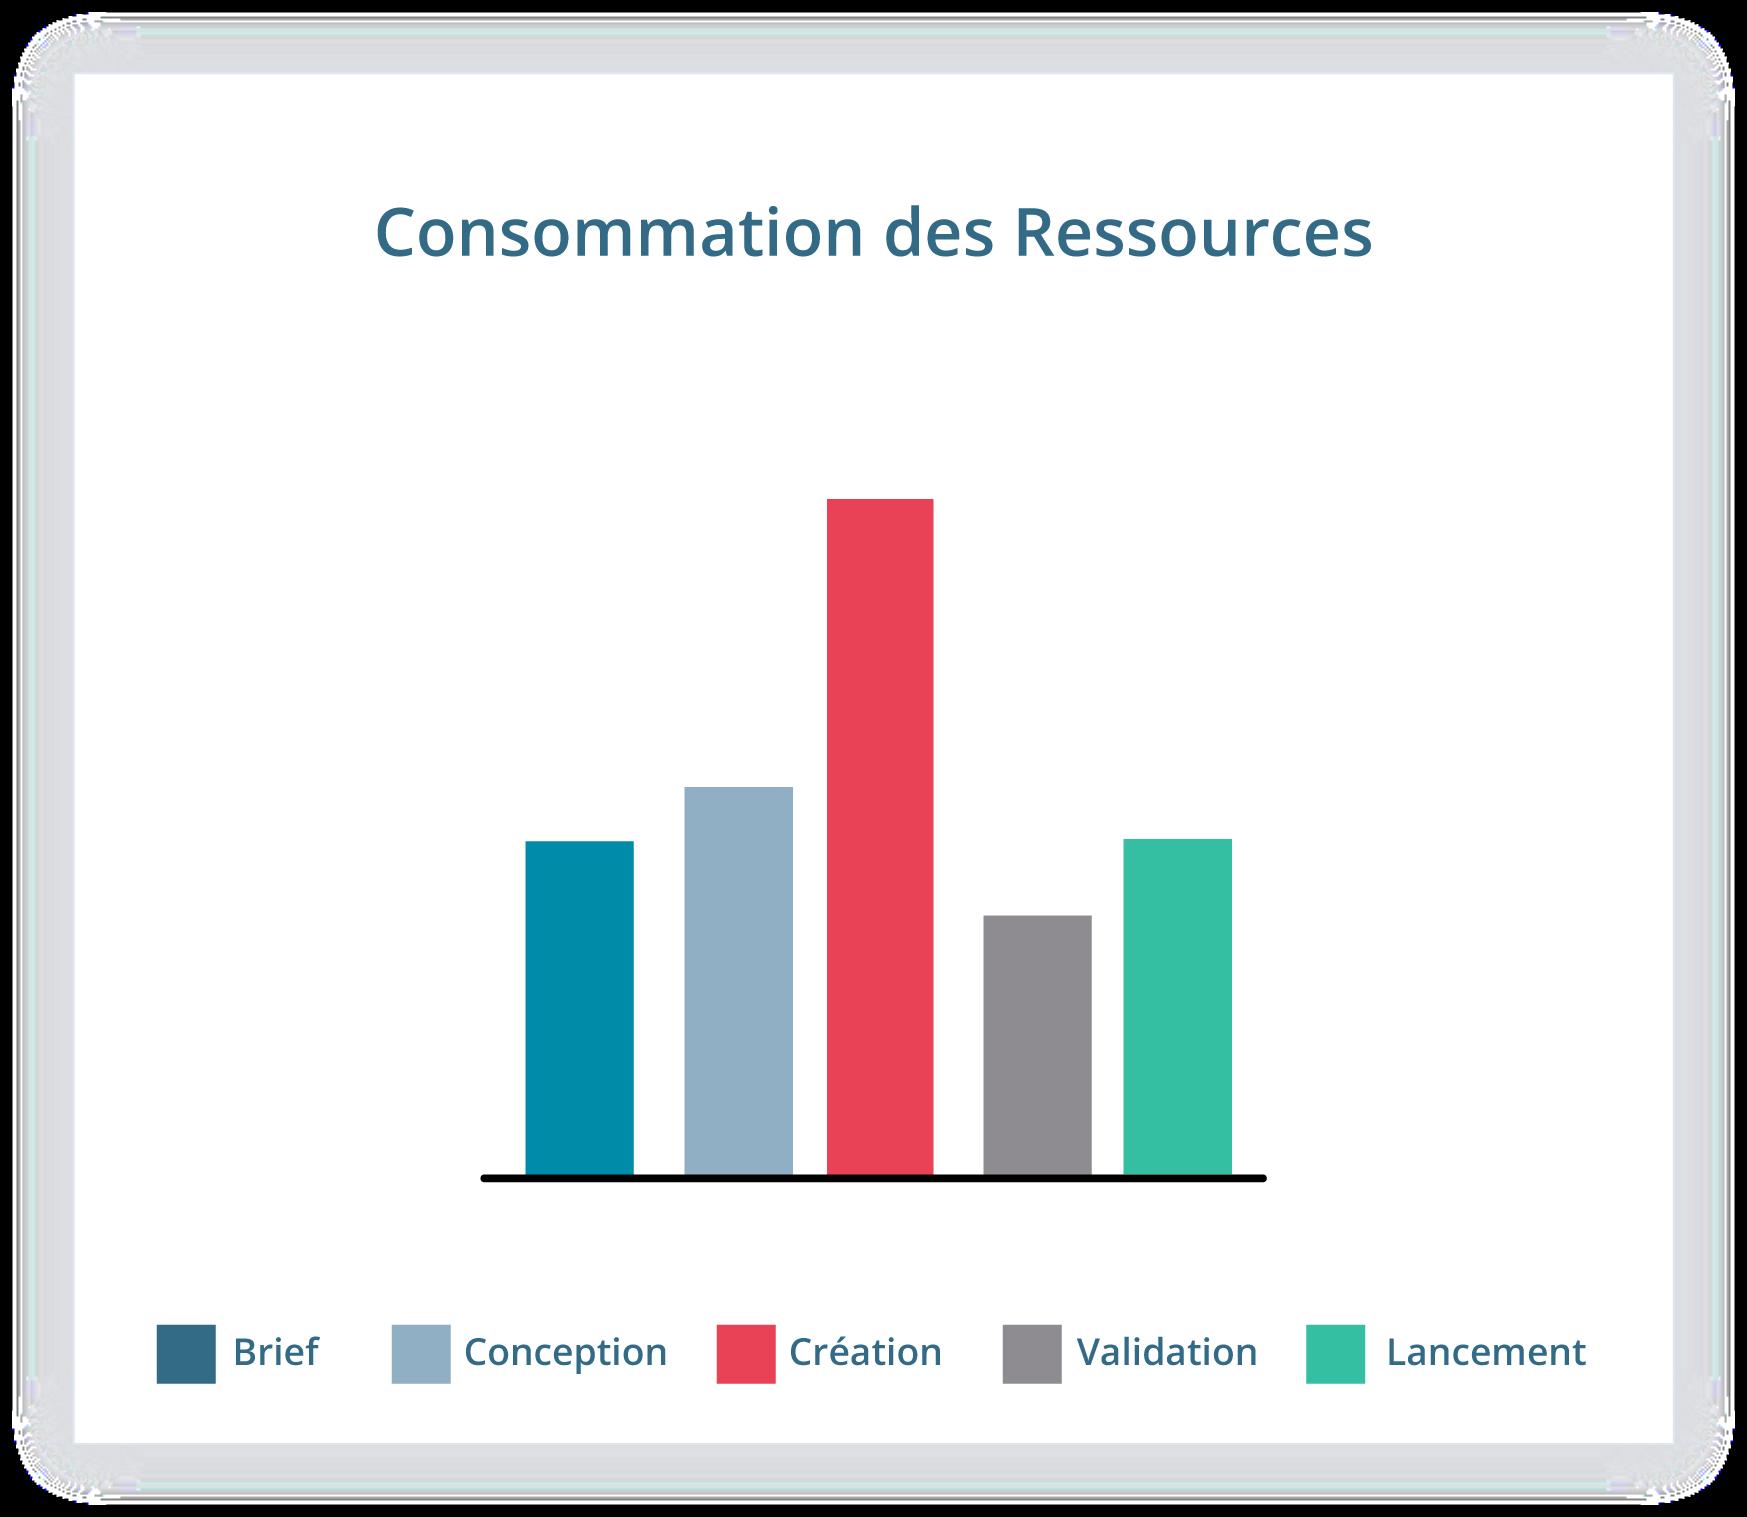 Consommation des ressources dans la production packaging